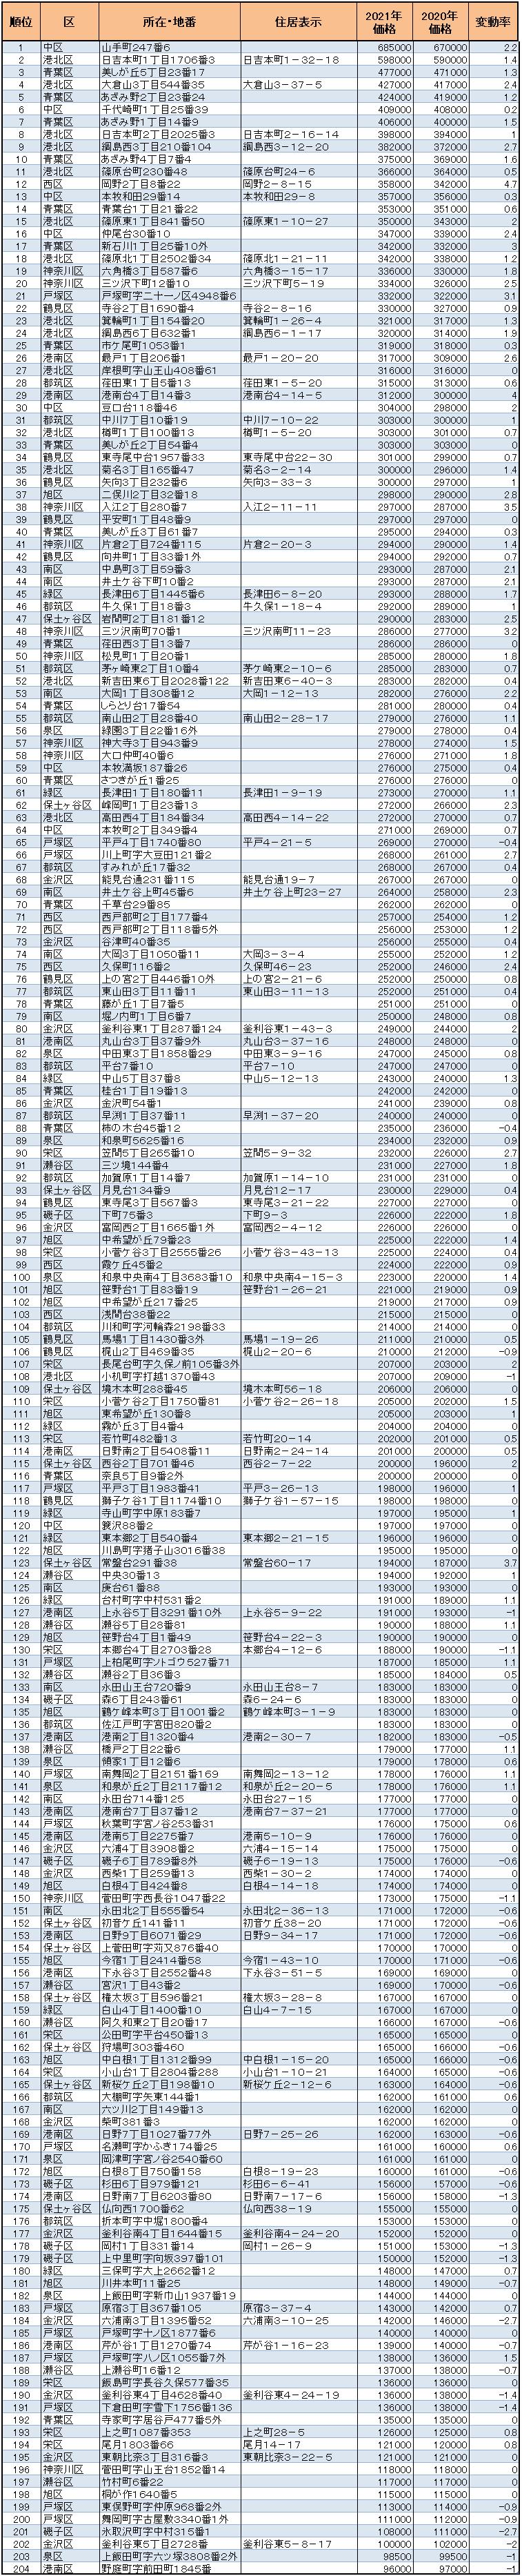 横浜市の【住宅地】地価ランキング 順位表